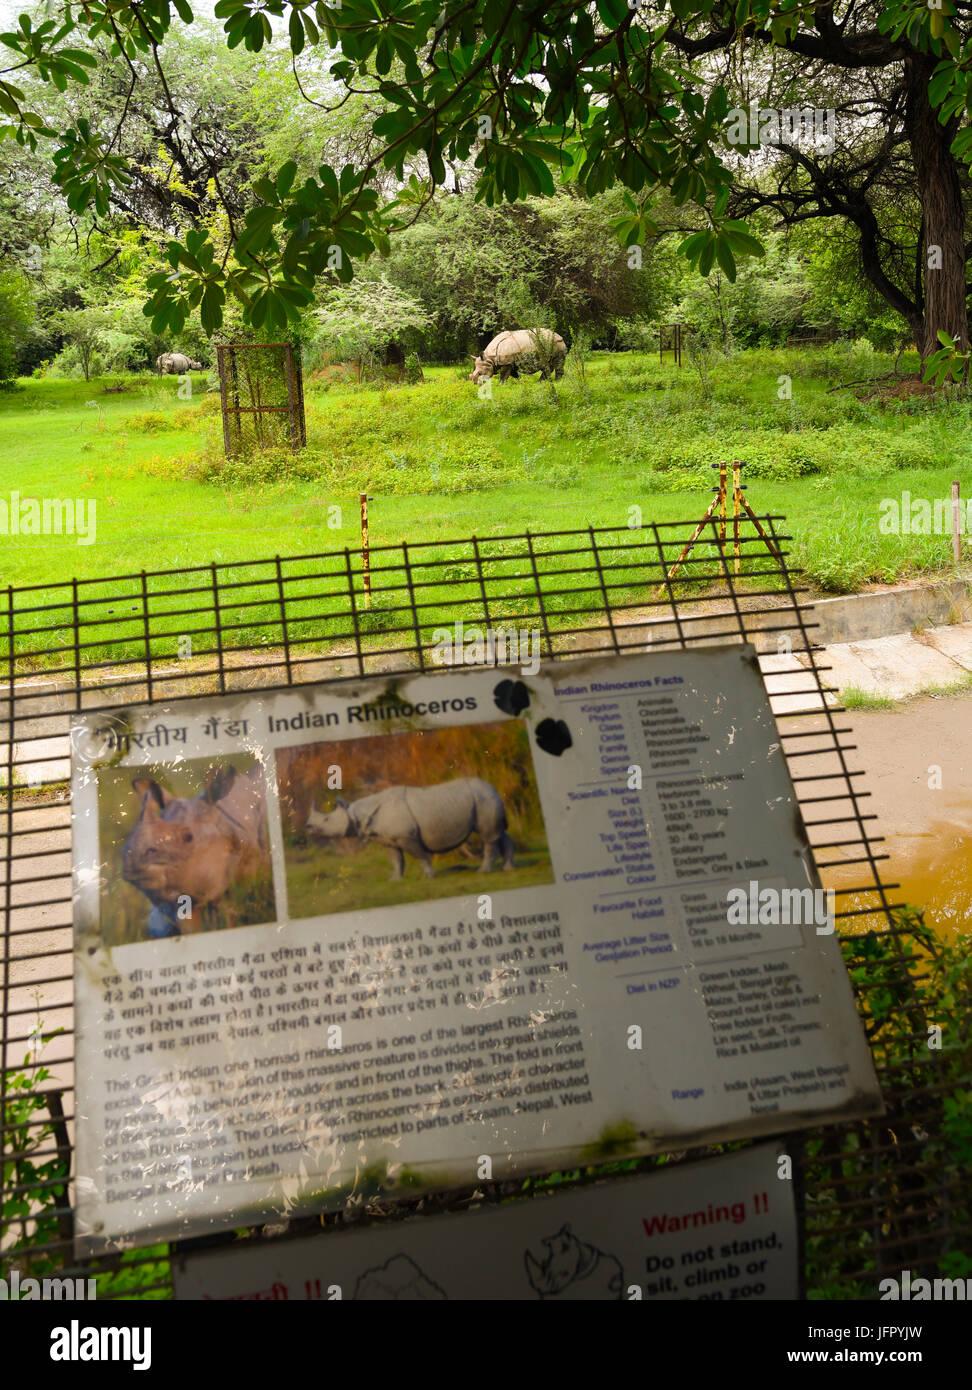 Paseos silvestres Rinocerontes indios en el verde de la naturaleza al aire libre, parque o bosque en el mes de junio de 2017 después de la lluvia con la última información de la imagen Foto de stock